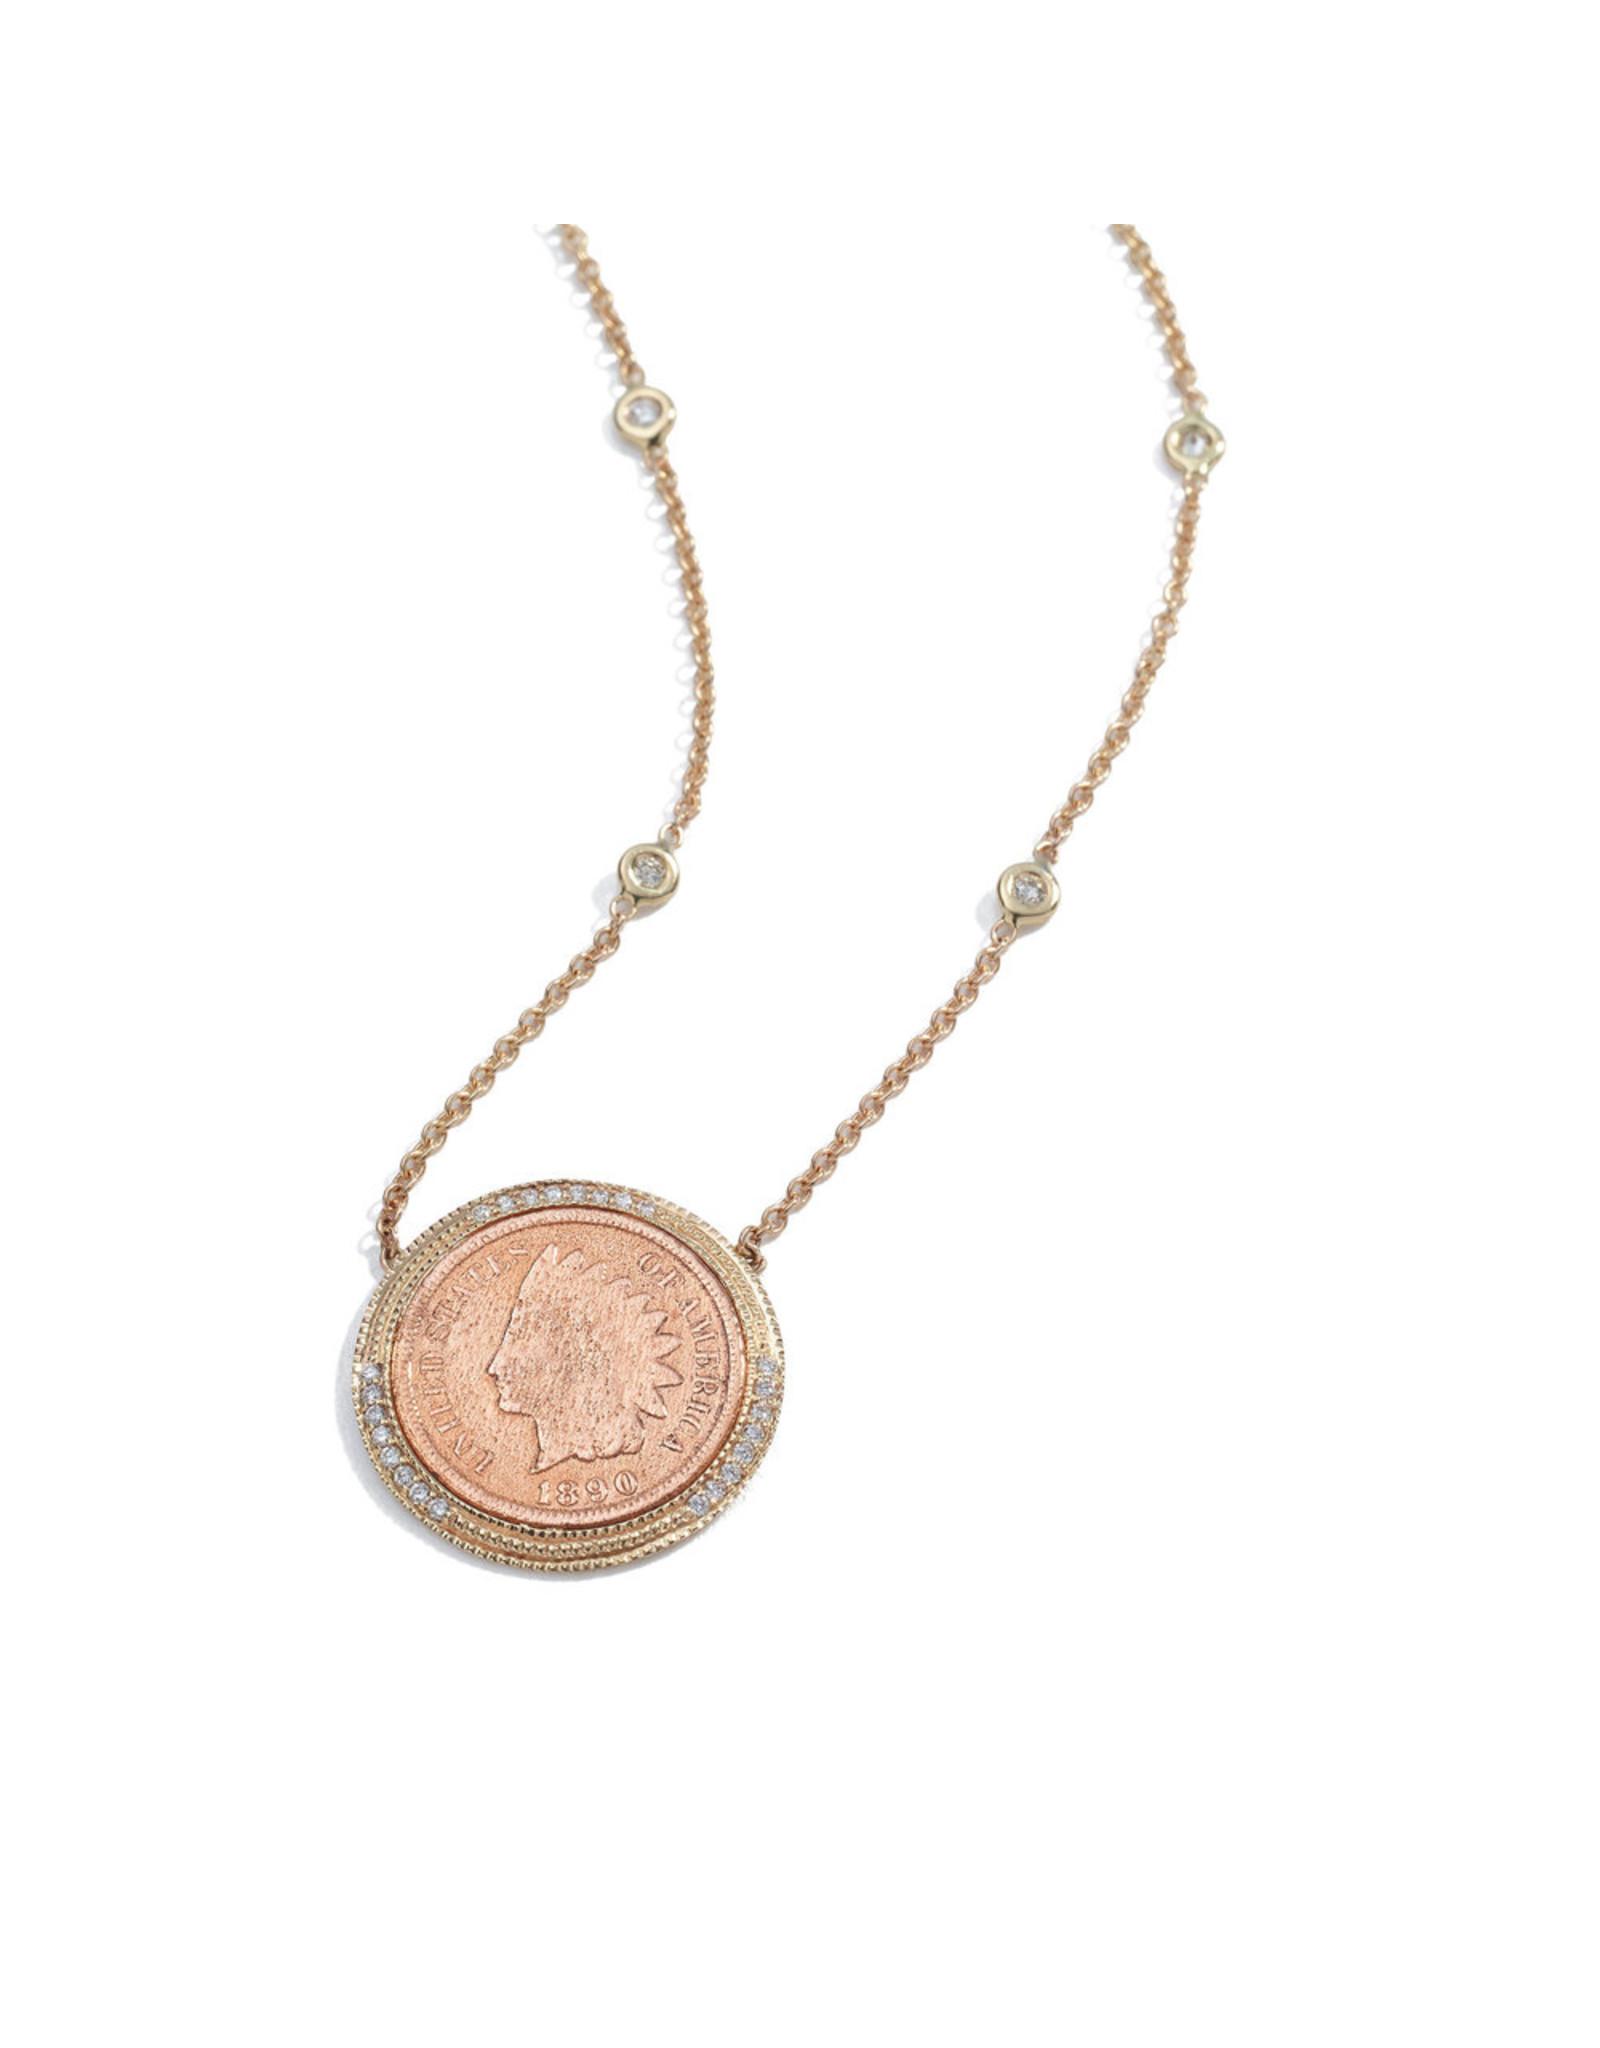 Jacquie Aiche Jacque Aiche Pavé & Copper Antique-Coin Necklace (Color: 14K Yellow Gold)